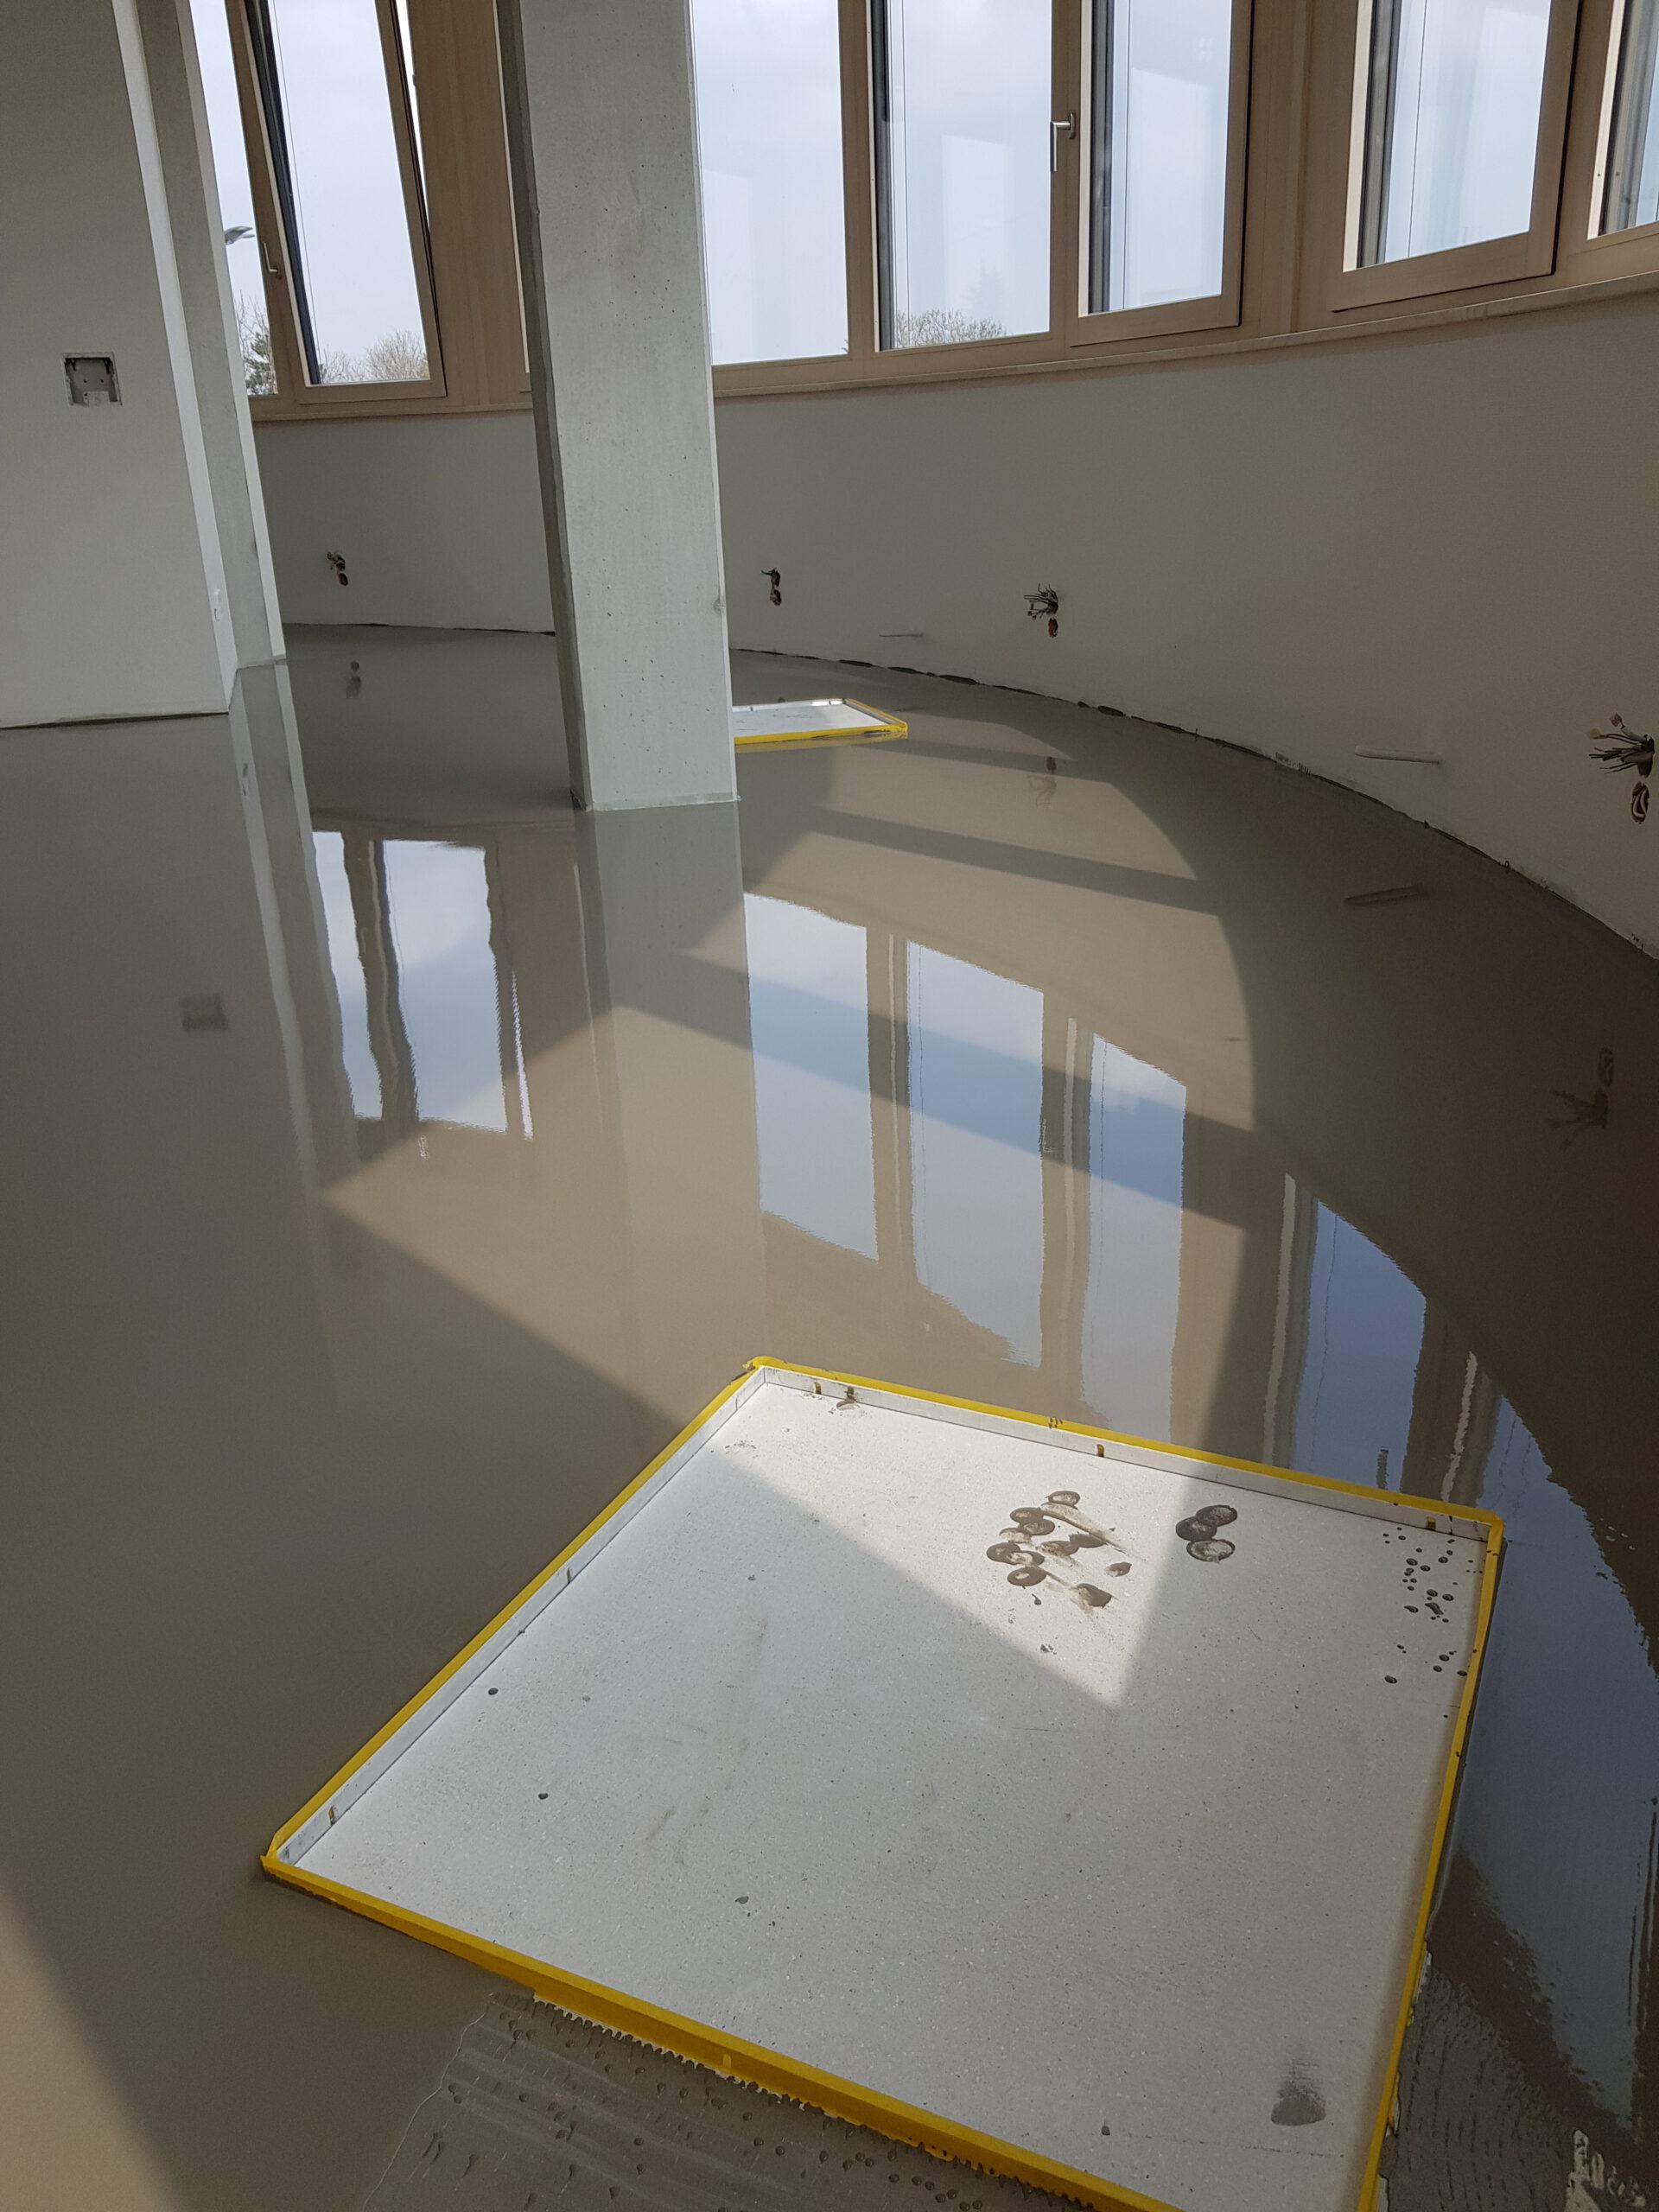 Kautschuk-Bodenbelag für Ärztehaus 7